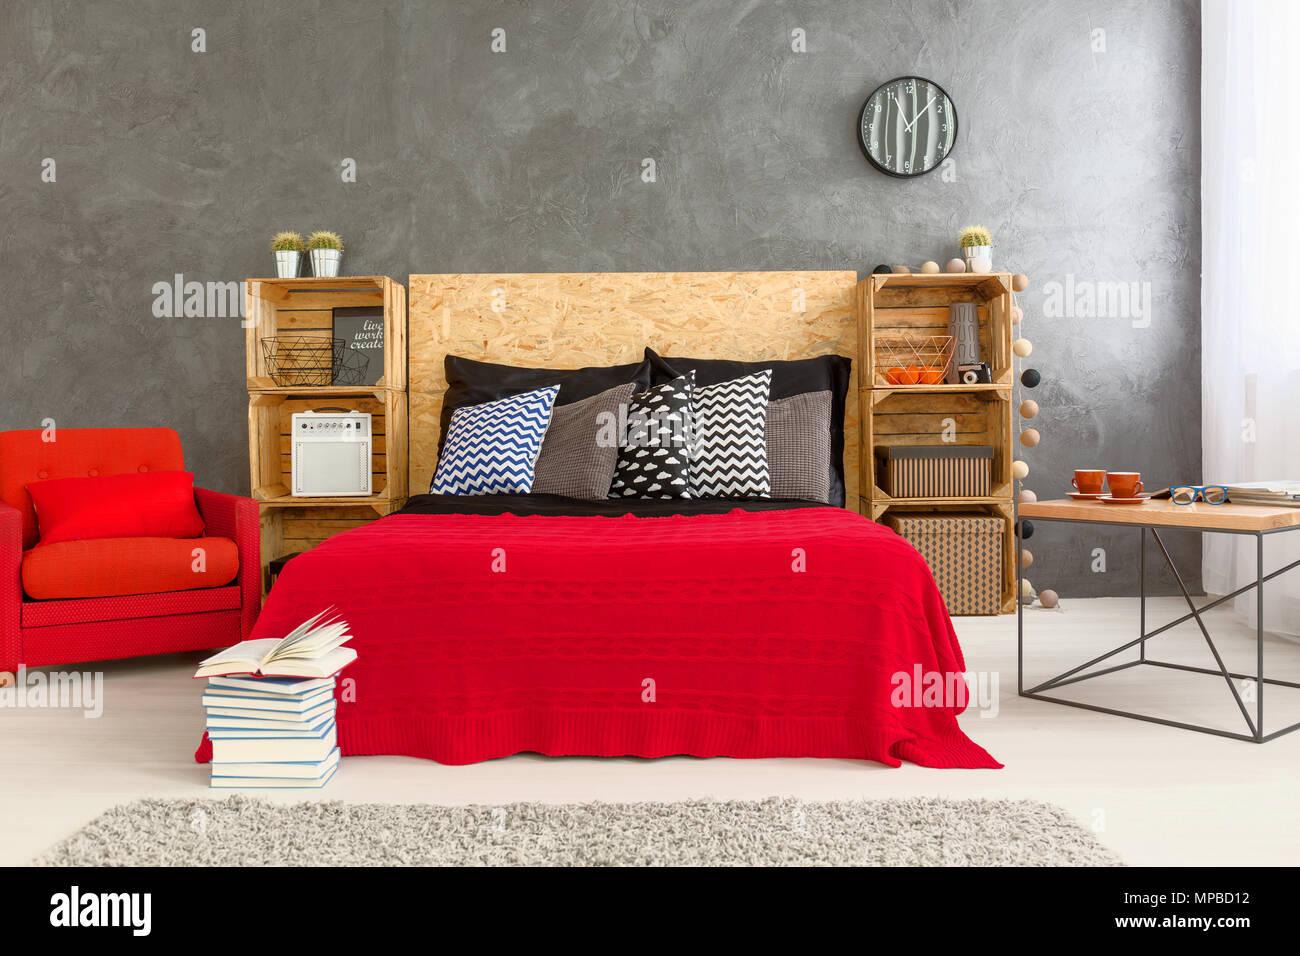 https www alamyimages fr chambre au design moderne avec lit et fauteuil rouge sur le mur gris de fond etageres en bois faite de boites en bois et tete de lit en bois pour le lit image185877806 html